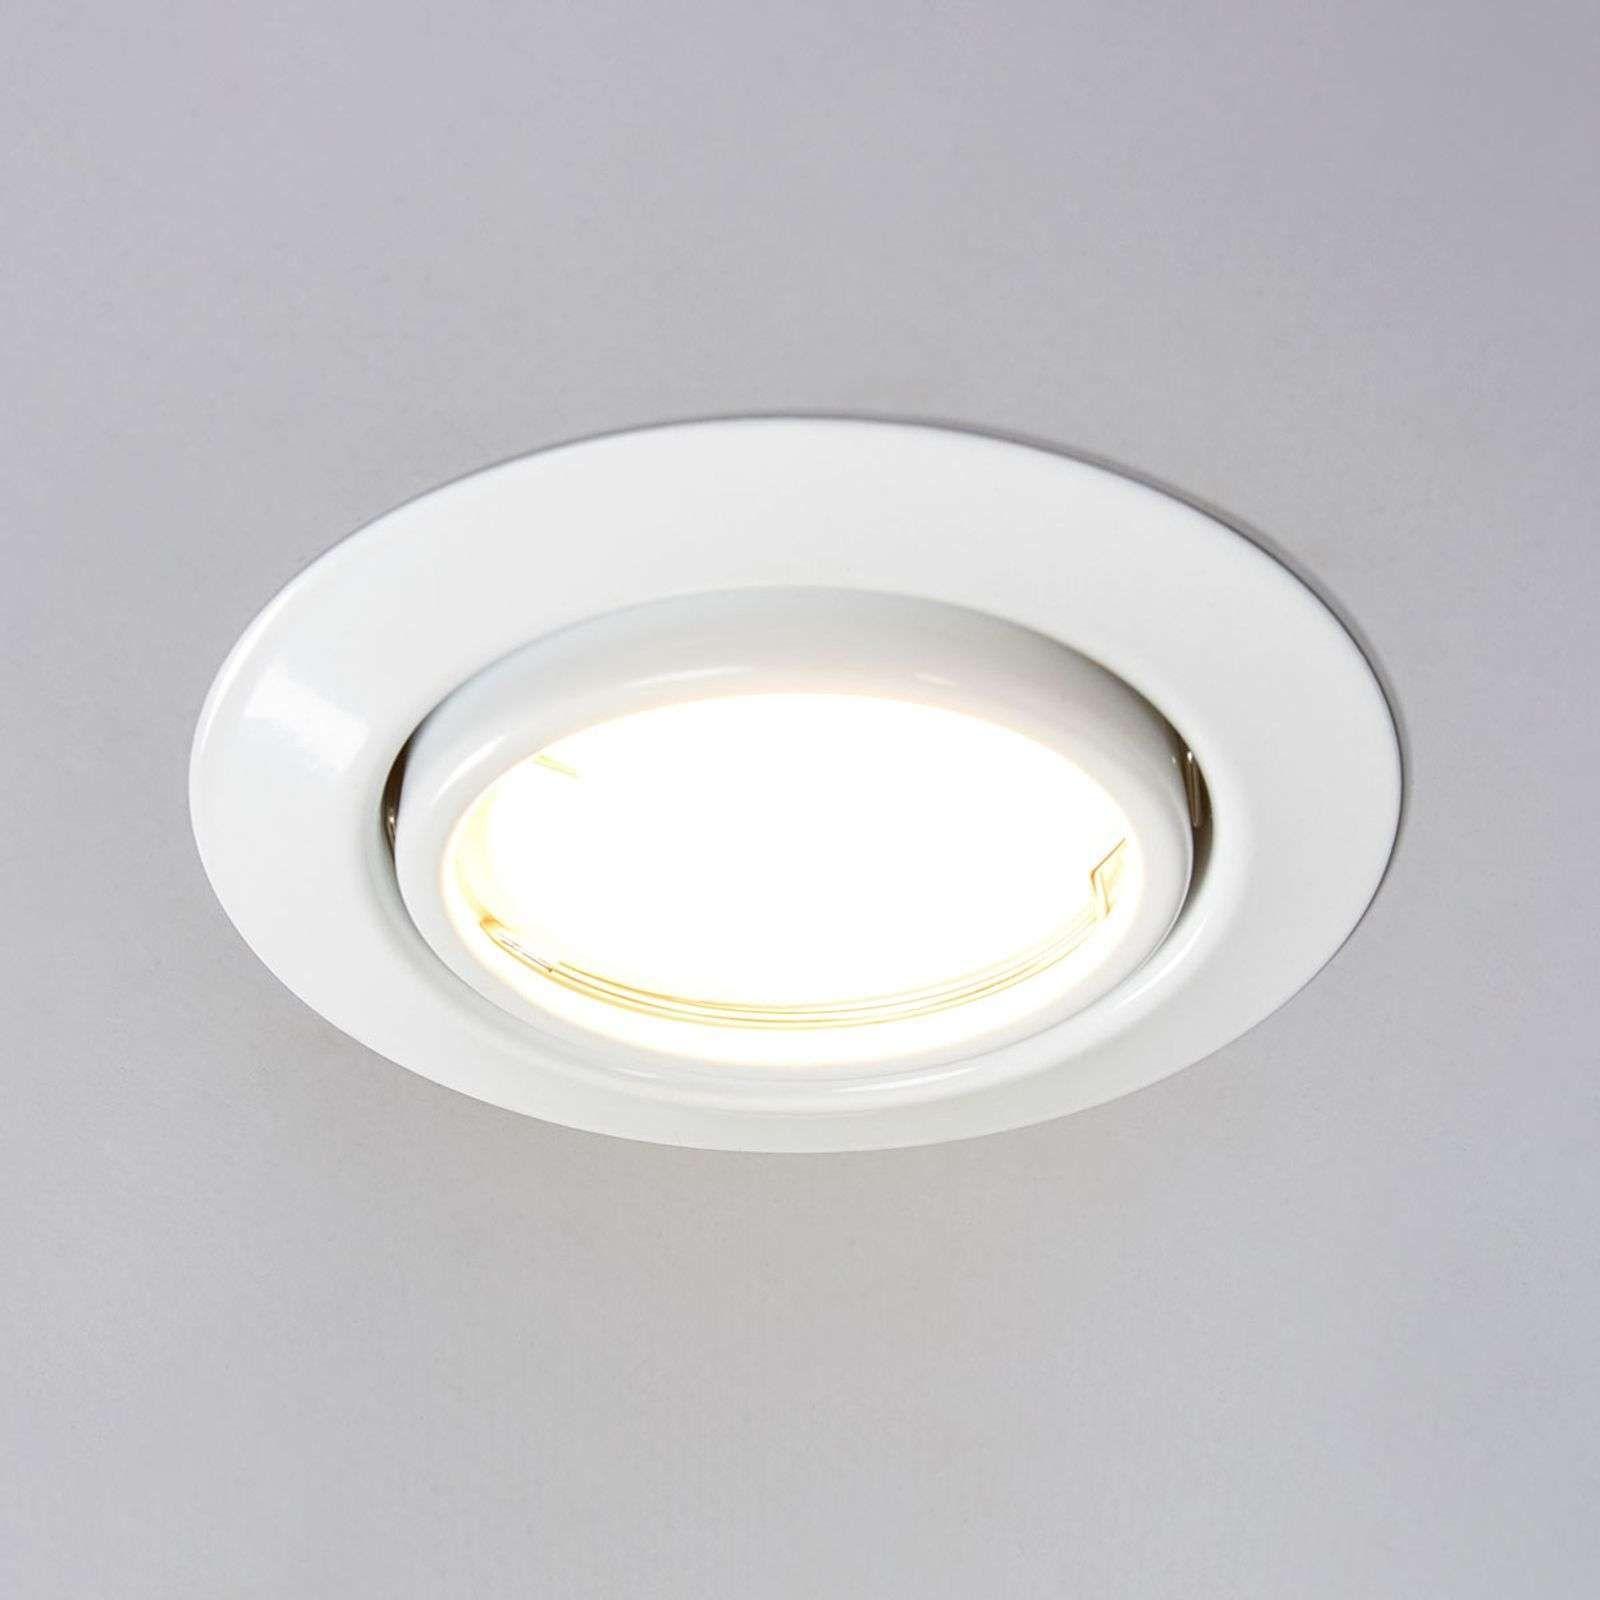 Beleuchtung Panosundaki Pin